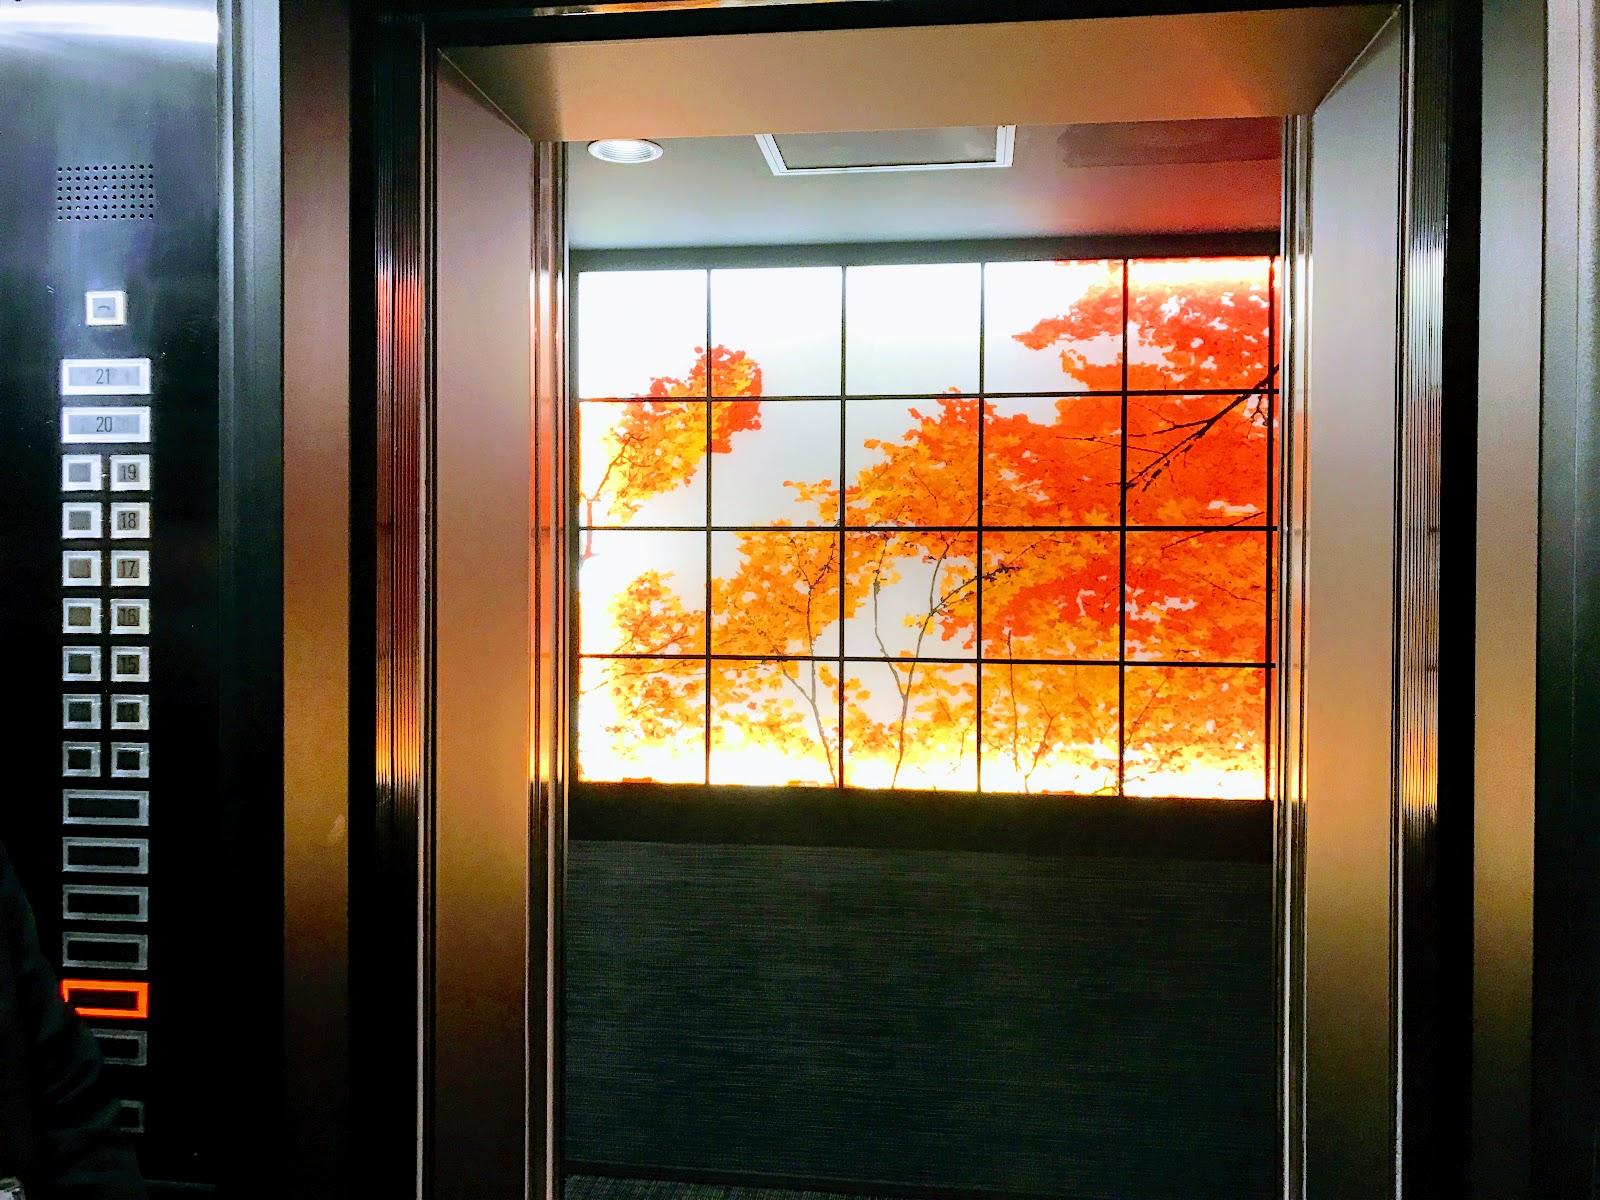 hotel review] renewal opening at hundred stay tokyo shinjuku